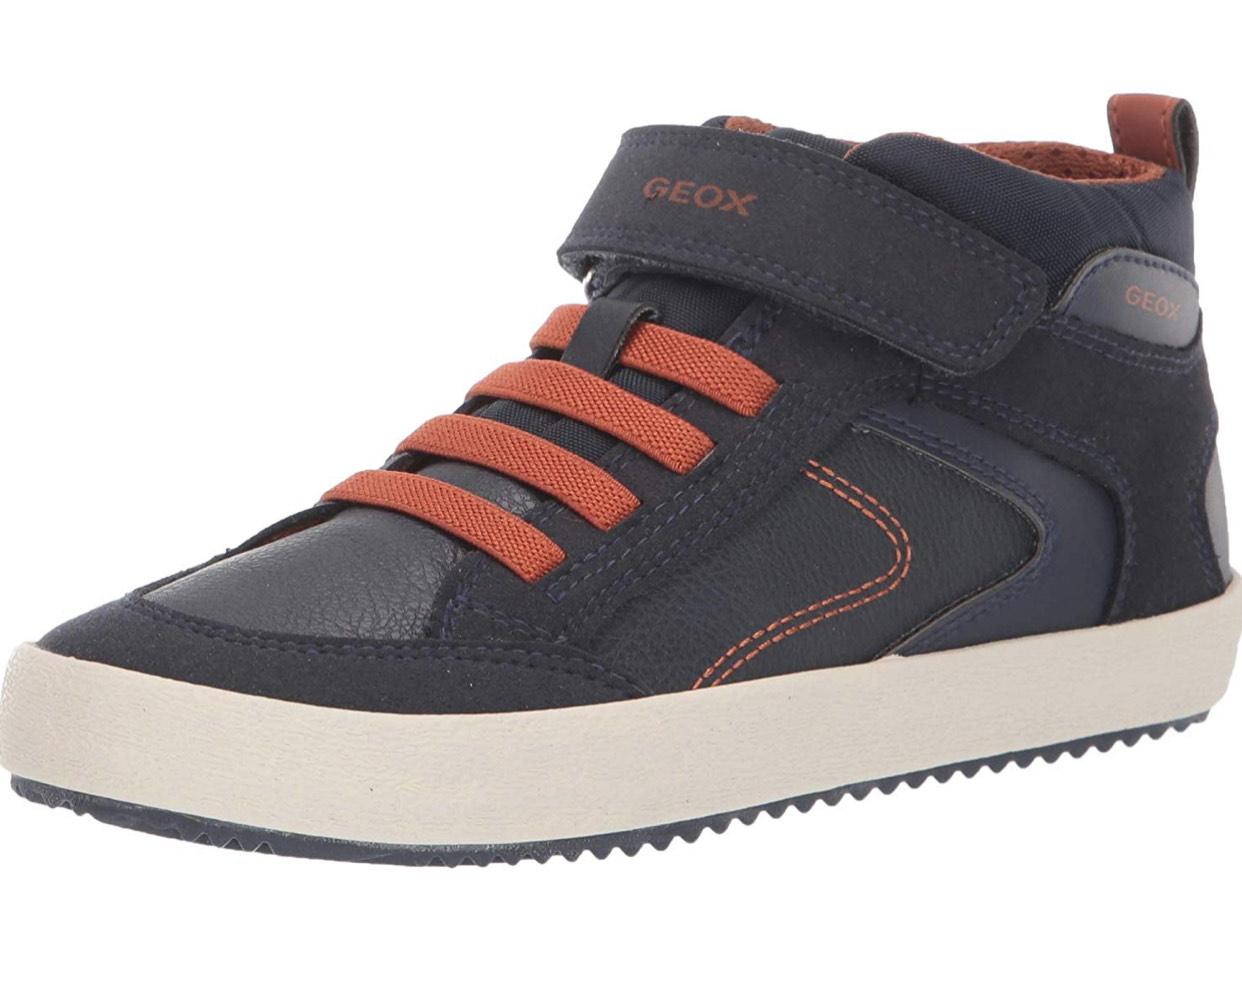 Zapatos geox